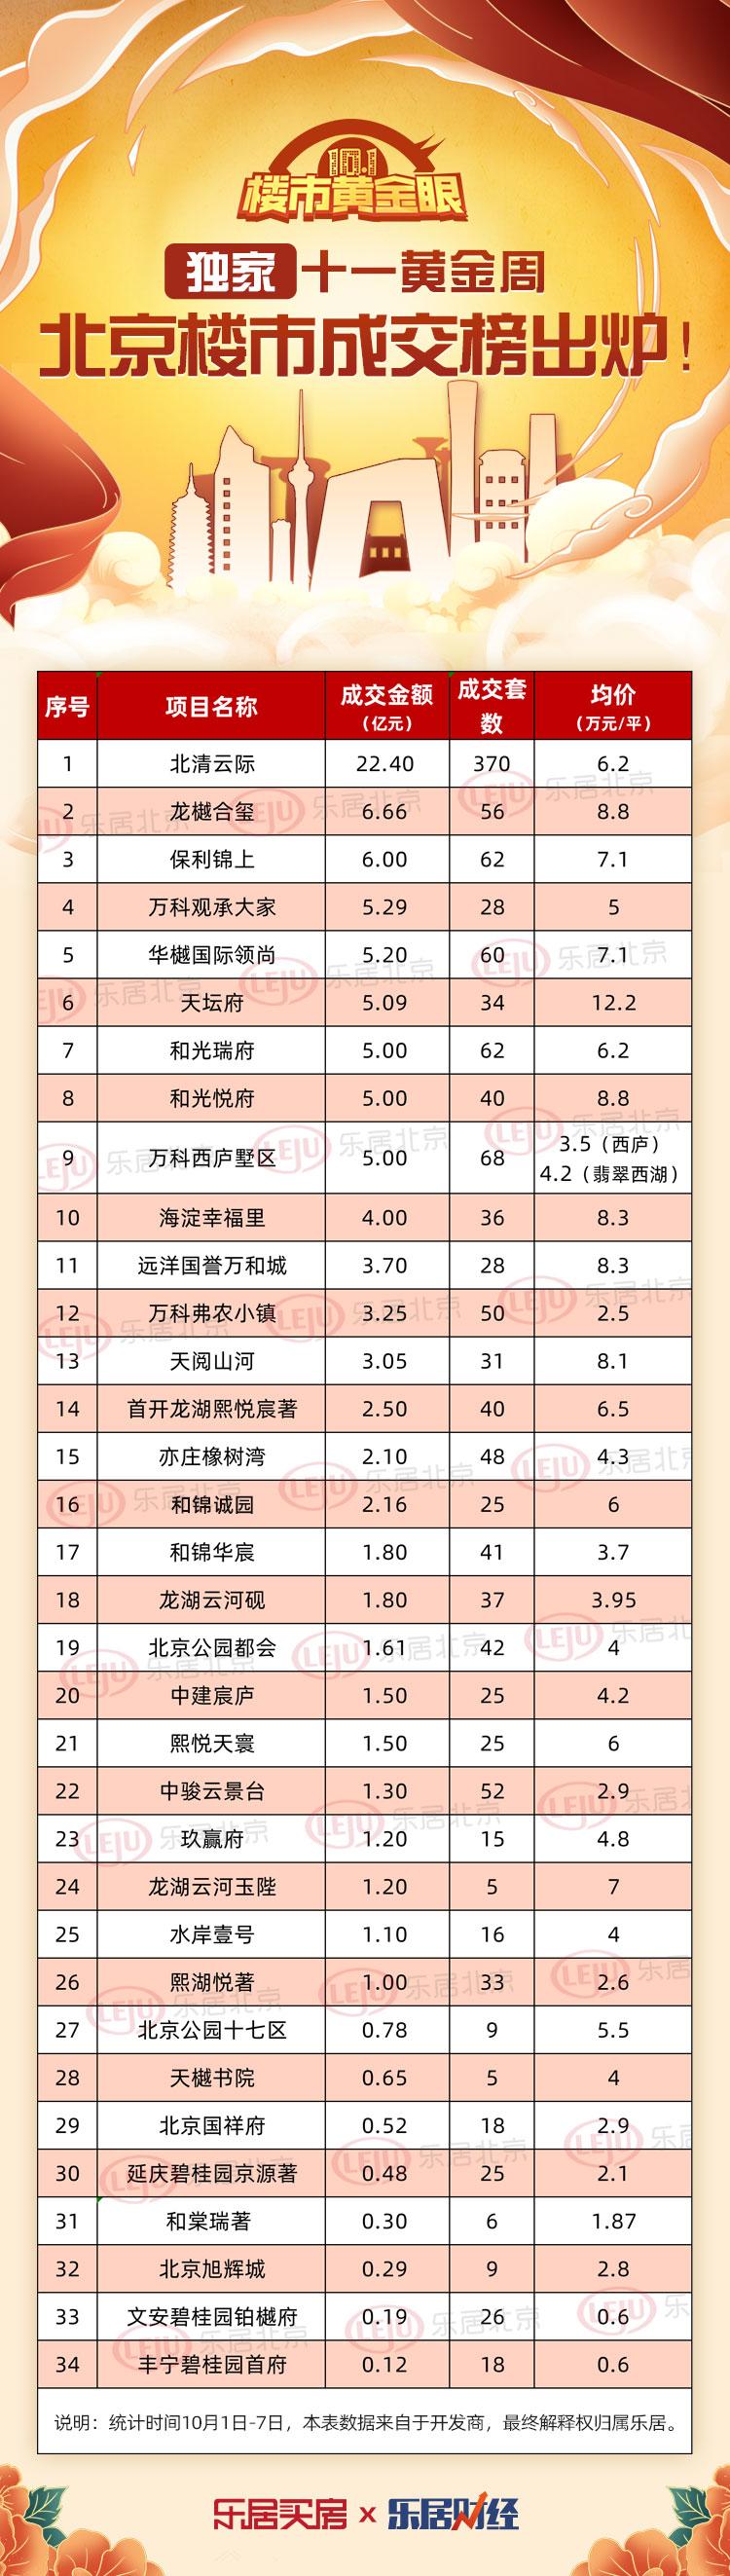 万科弗农小镇黄金周成交3.25亿